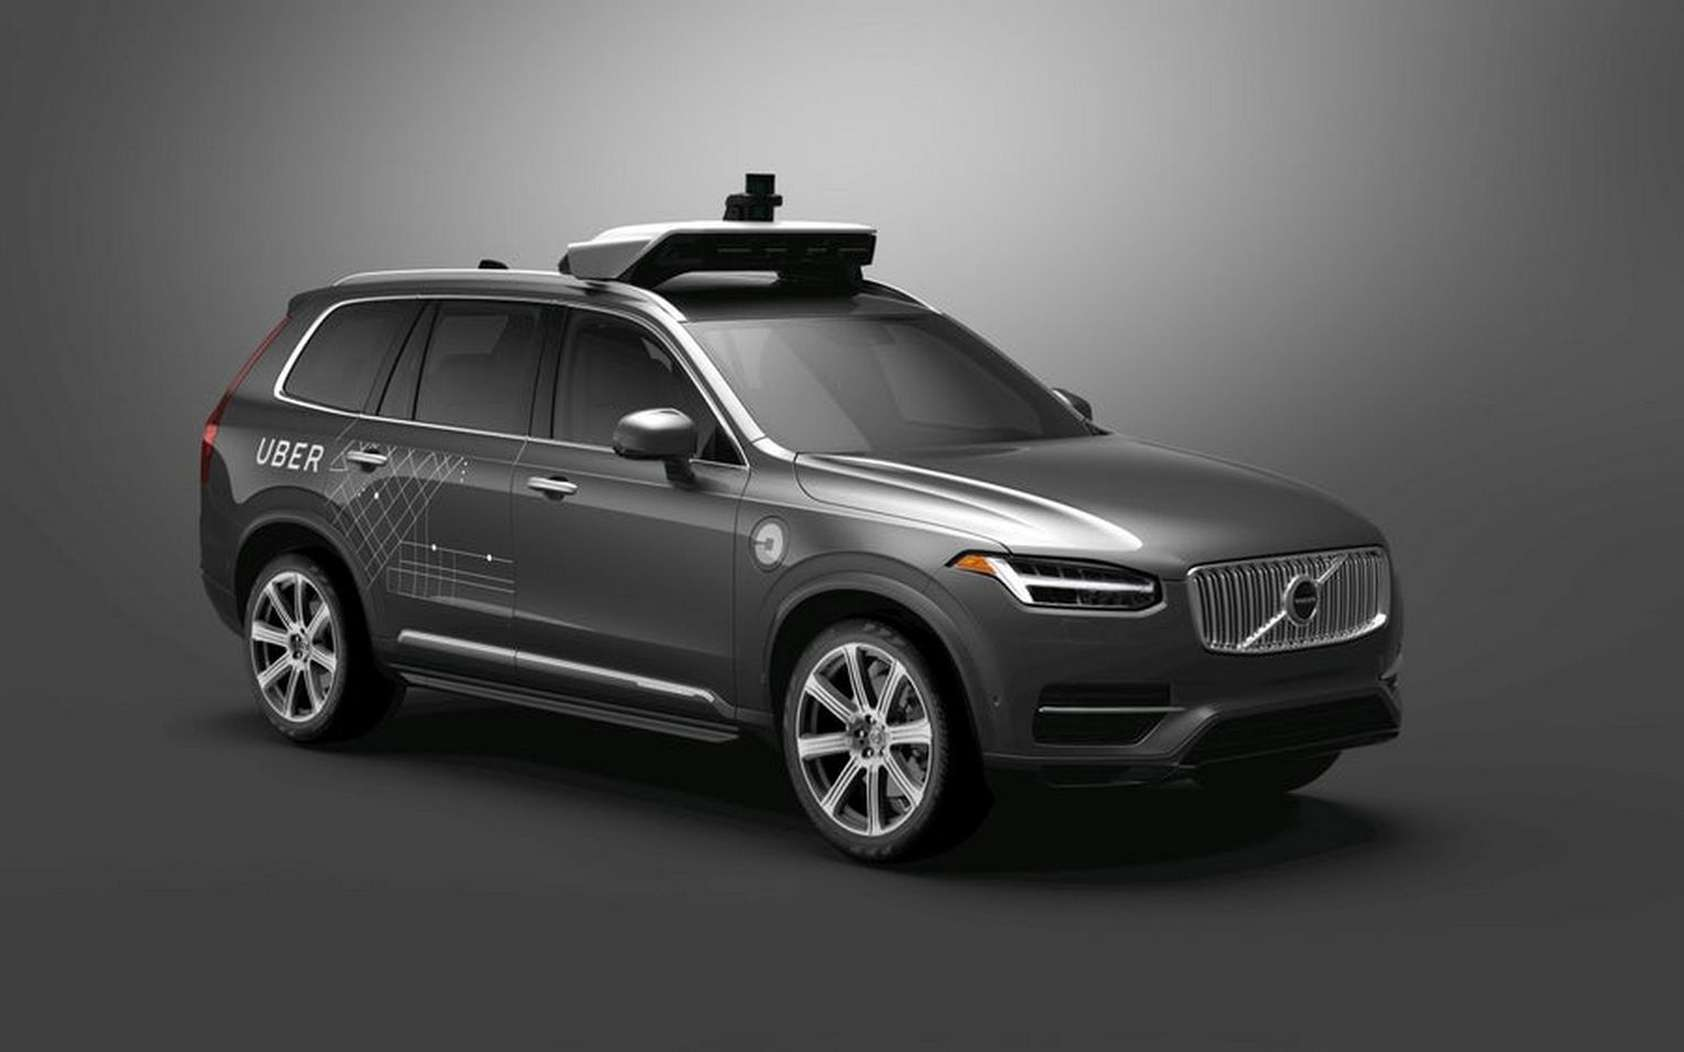 Uber collabore depuis 2016 avec Volvo sur la voiture autonome et utilisait déjà le SUV XC90. © Volvo